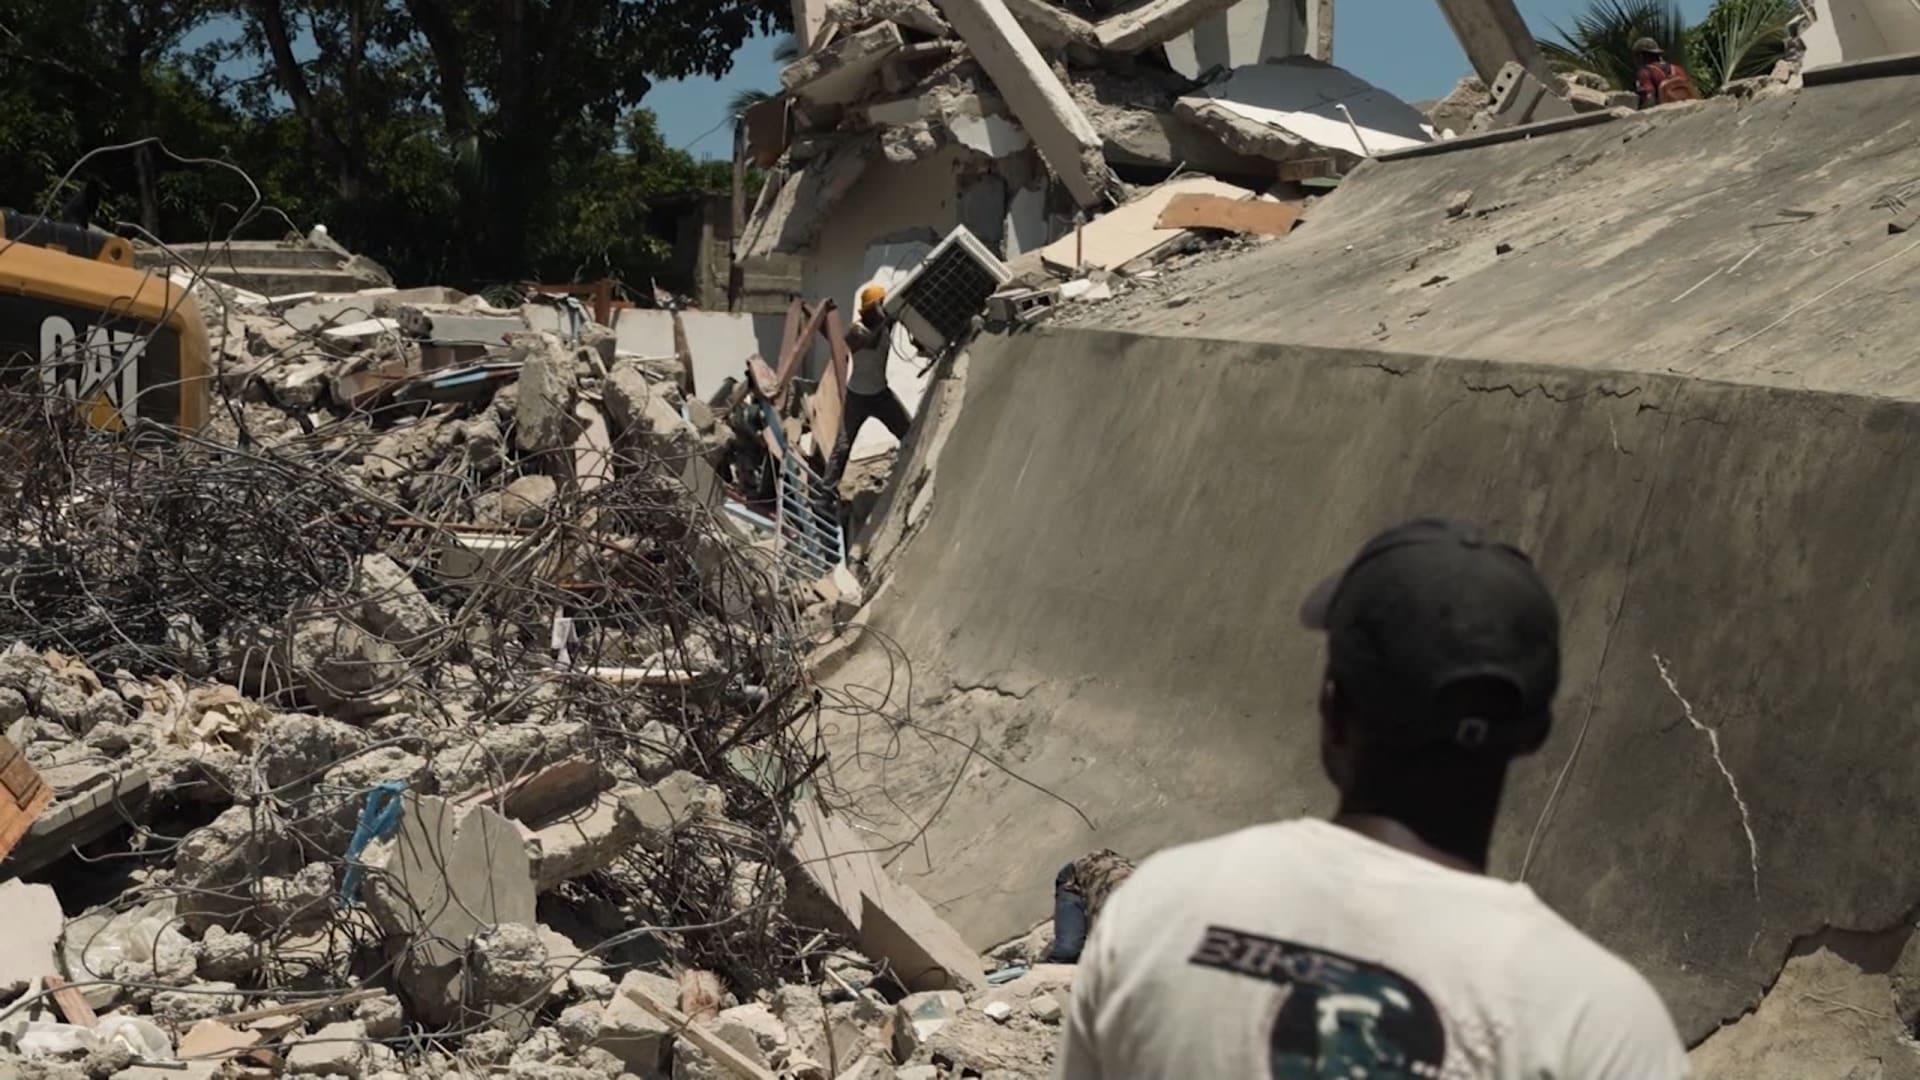 زلزال هايتي.. البعض يحاول الحفر للمساعدة وآخرون يبحثون عن الخردة المعدنية ومكيفات الهواء